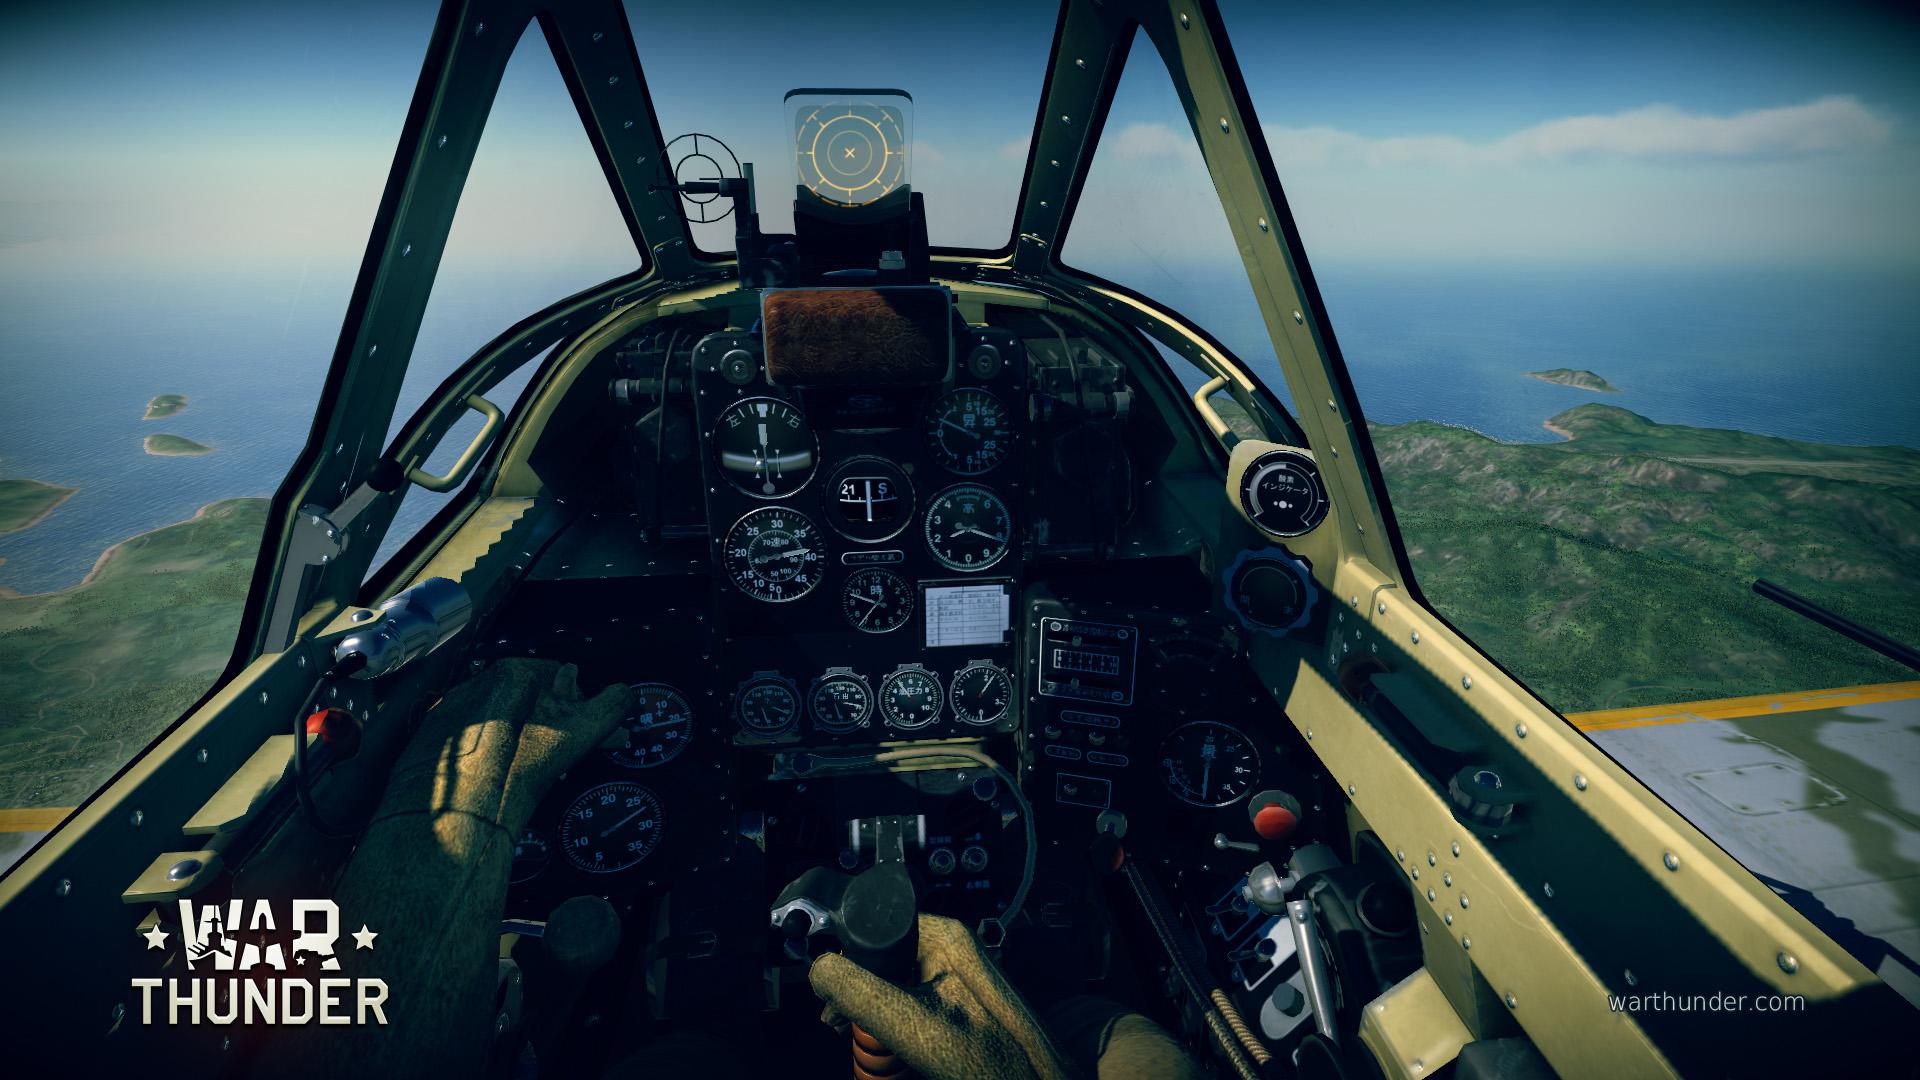 War Thunder VR Lands on HTC Vive; Gaijin Plans to Support